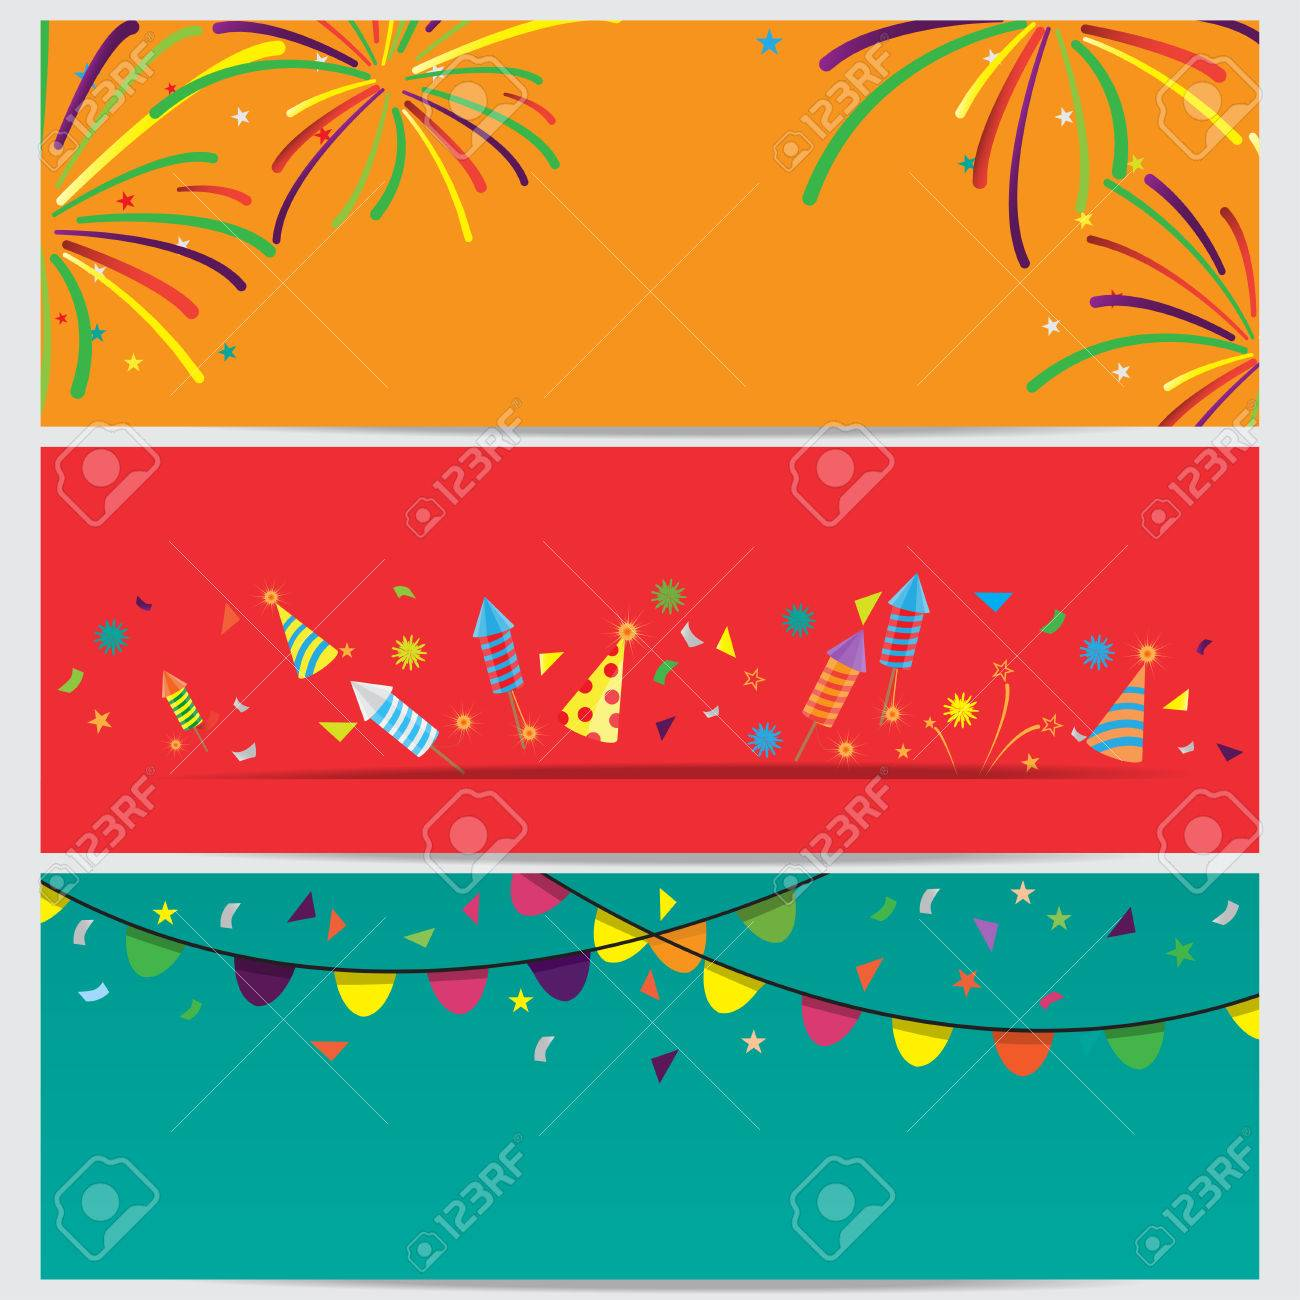 Konfetti Und Feuerwerk Hintergrund Konnen Ues Zum Feiern Neujahr